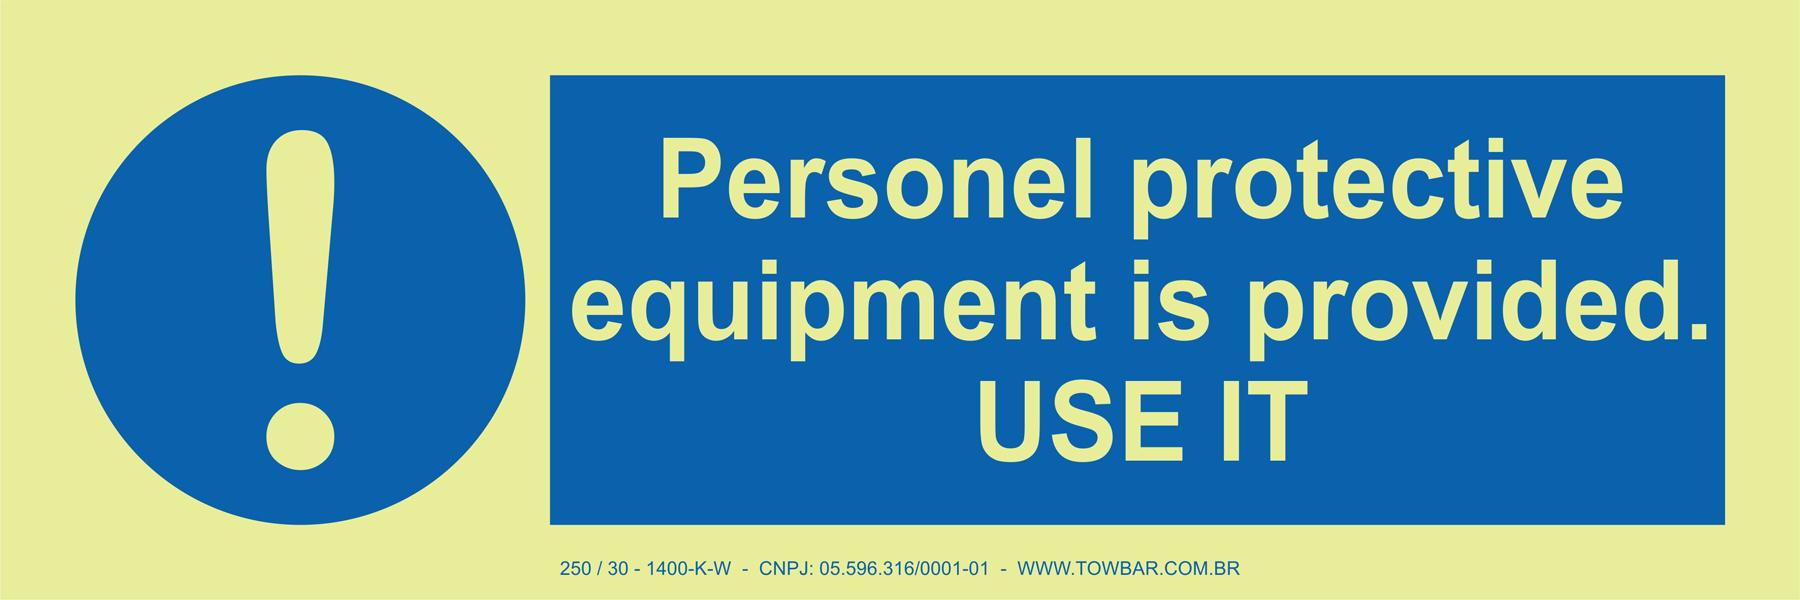 Personal Protective Equipment is Provided. USE IT  - Towbar Sinalização de Segurança